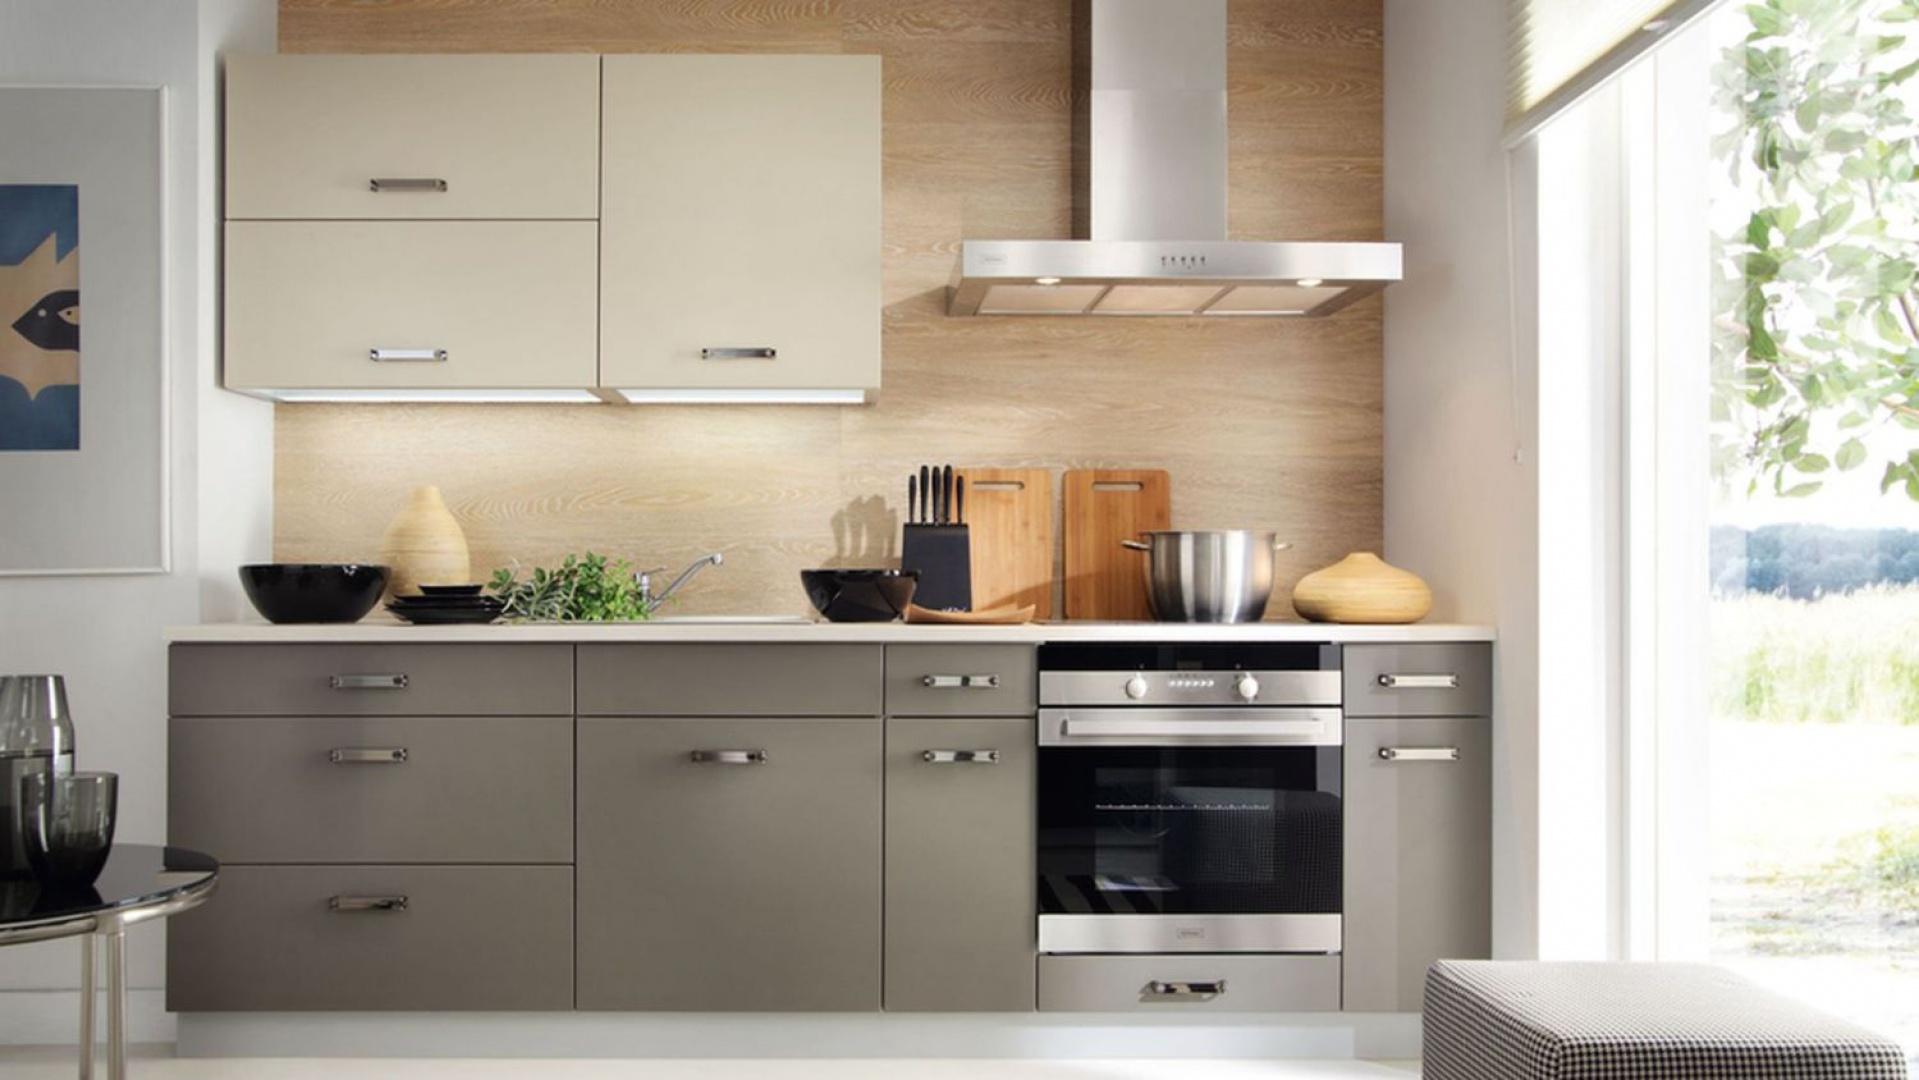 Meble kuchenne wpasowano w Mała kuchnia 10 pomysłów   -> Kuchnia Na Wymiar Mala